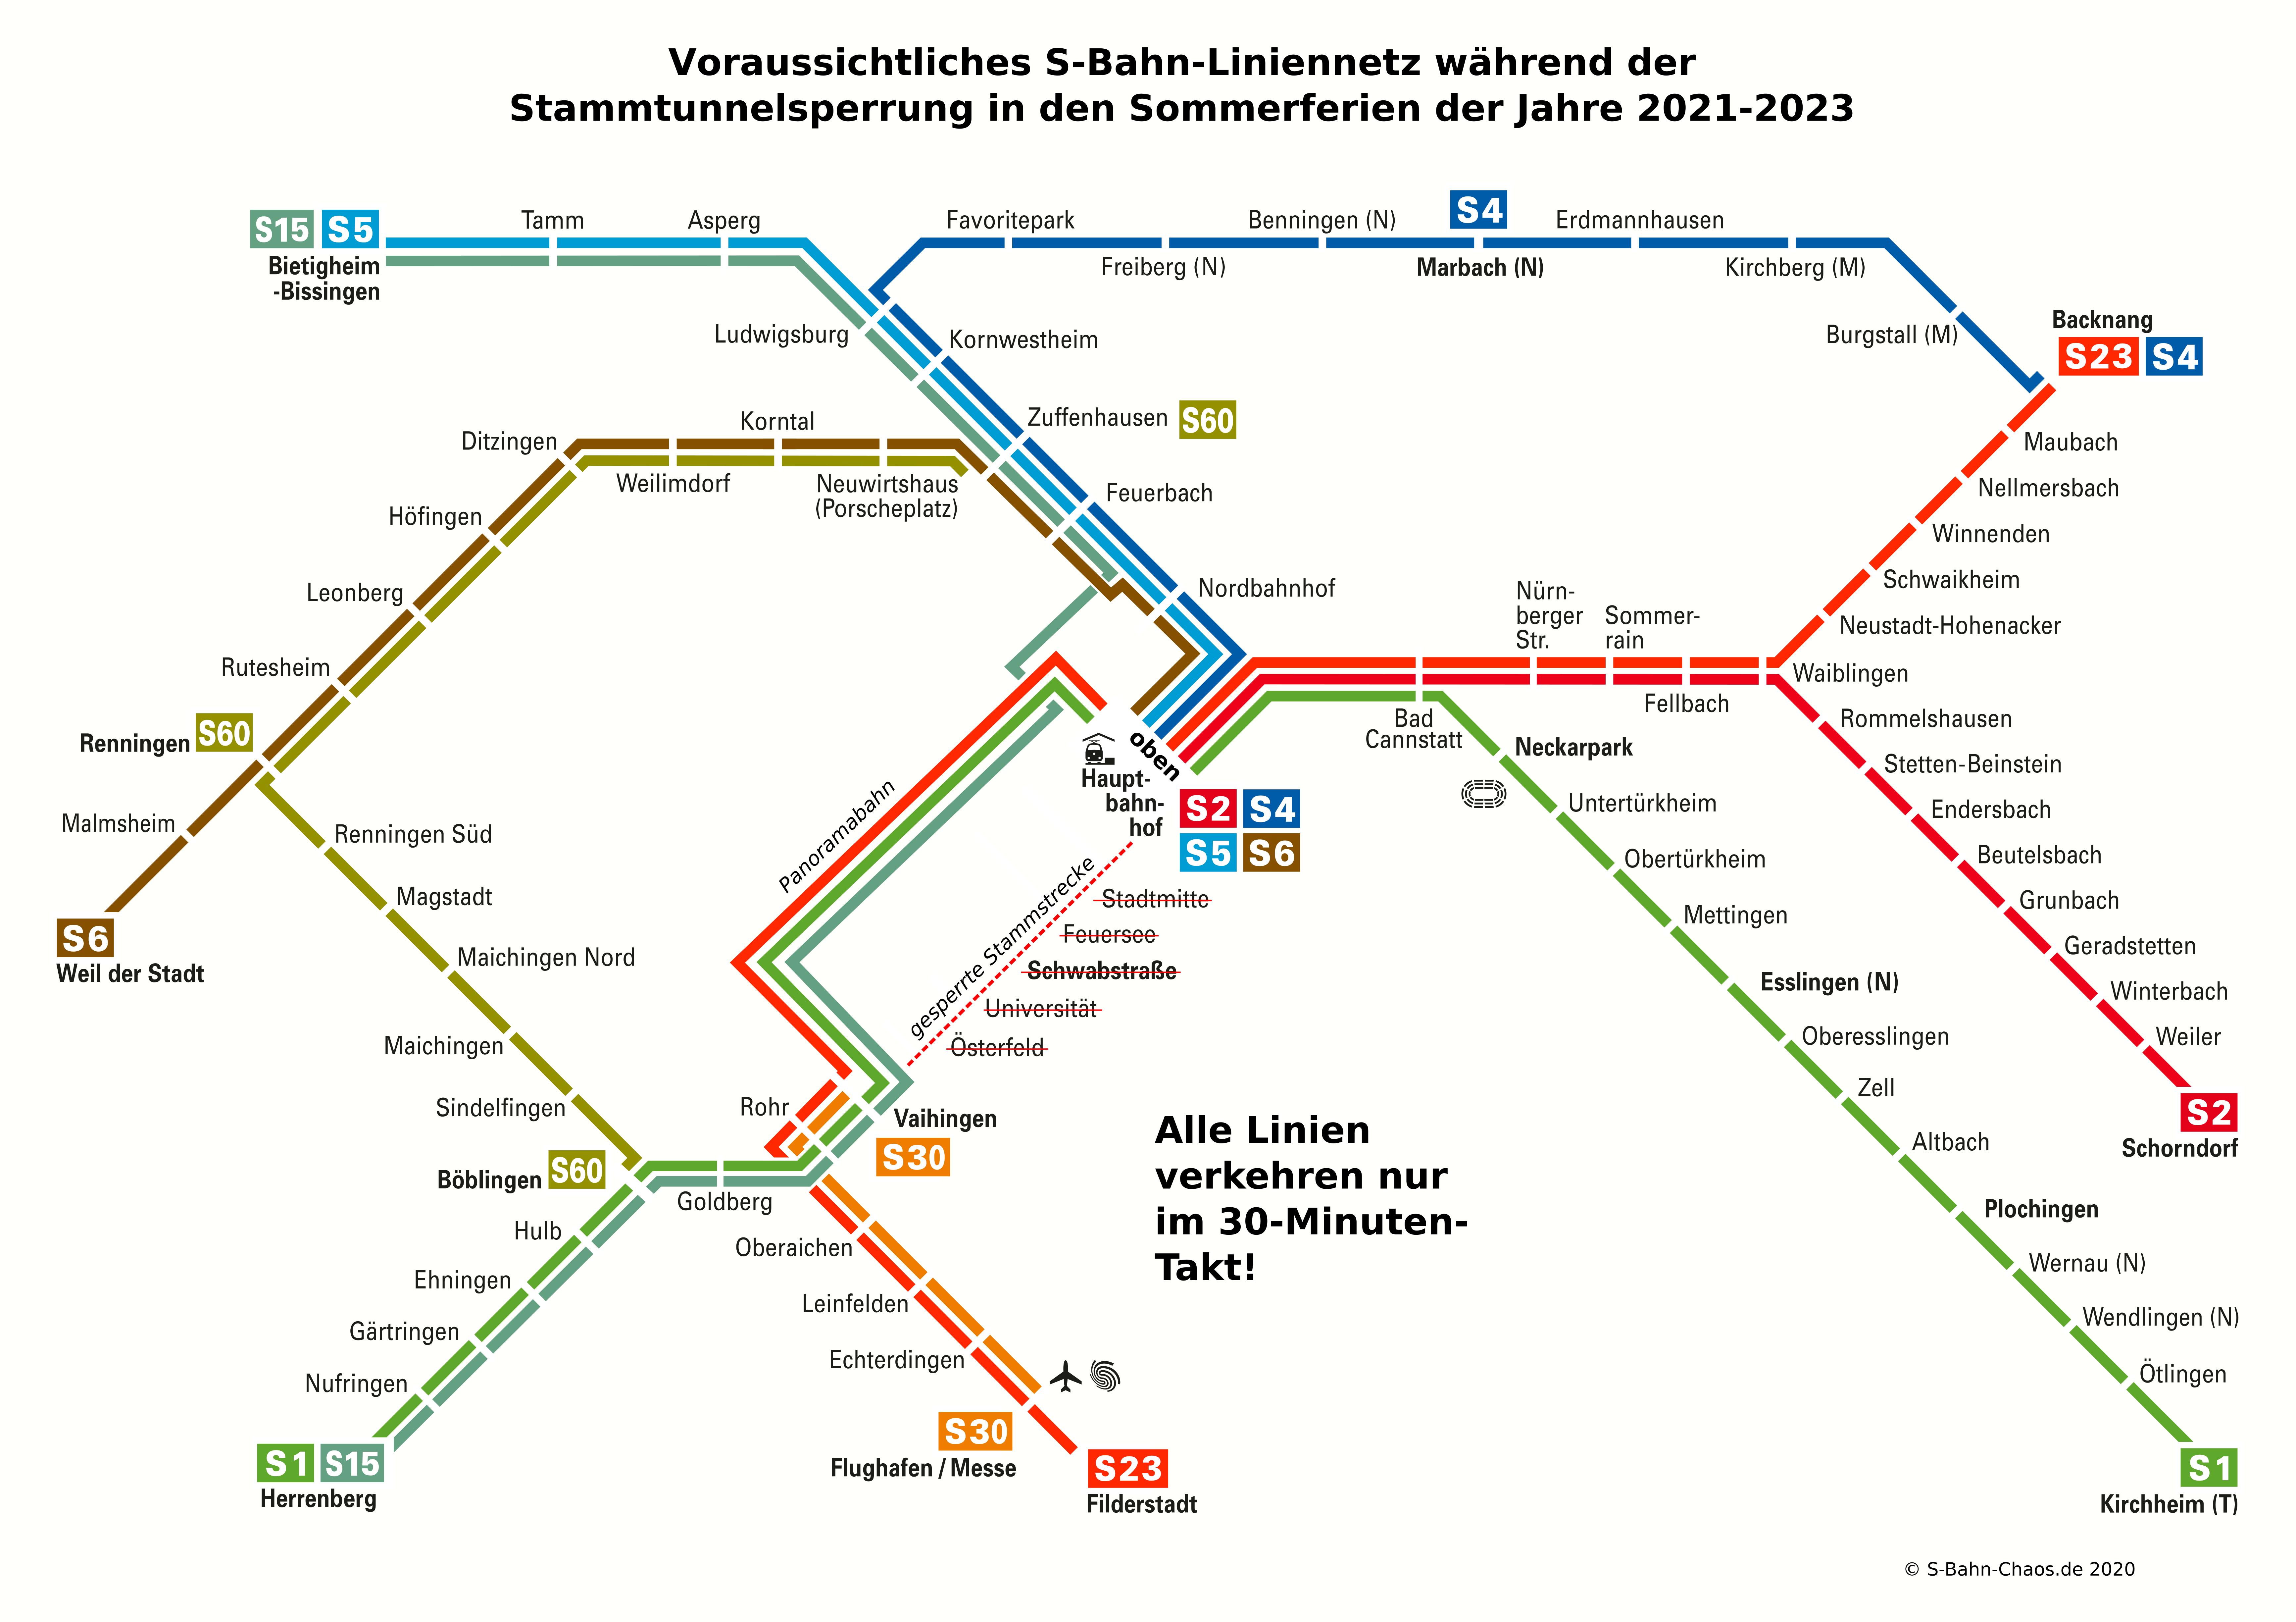 voraussichtliches Liniennetz während der Stammtunnelsperrungen in den Sommerferien 2021-2023